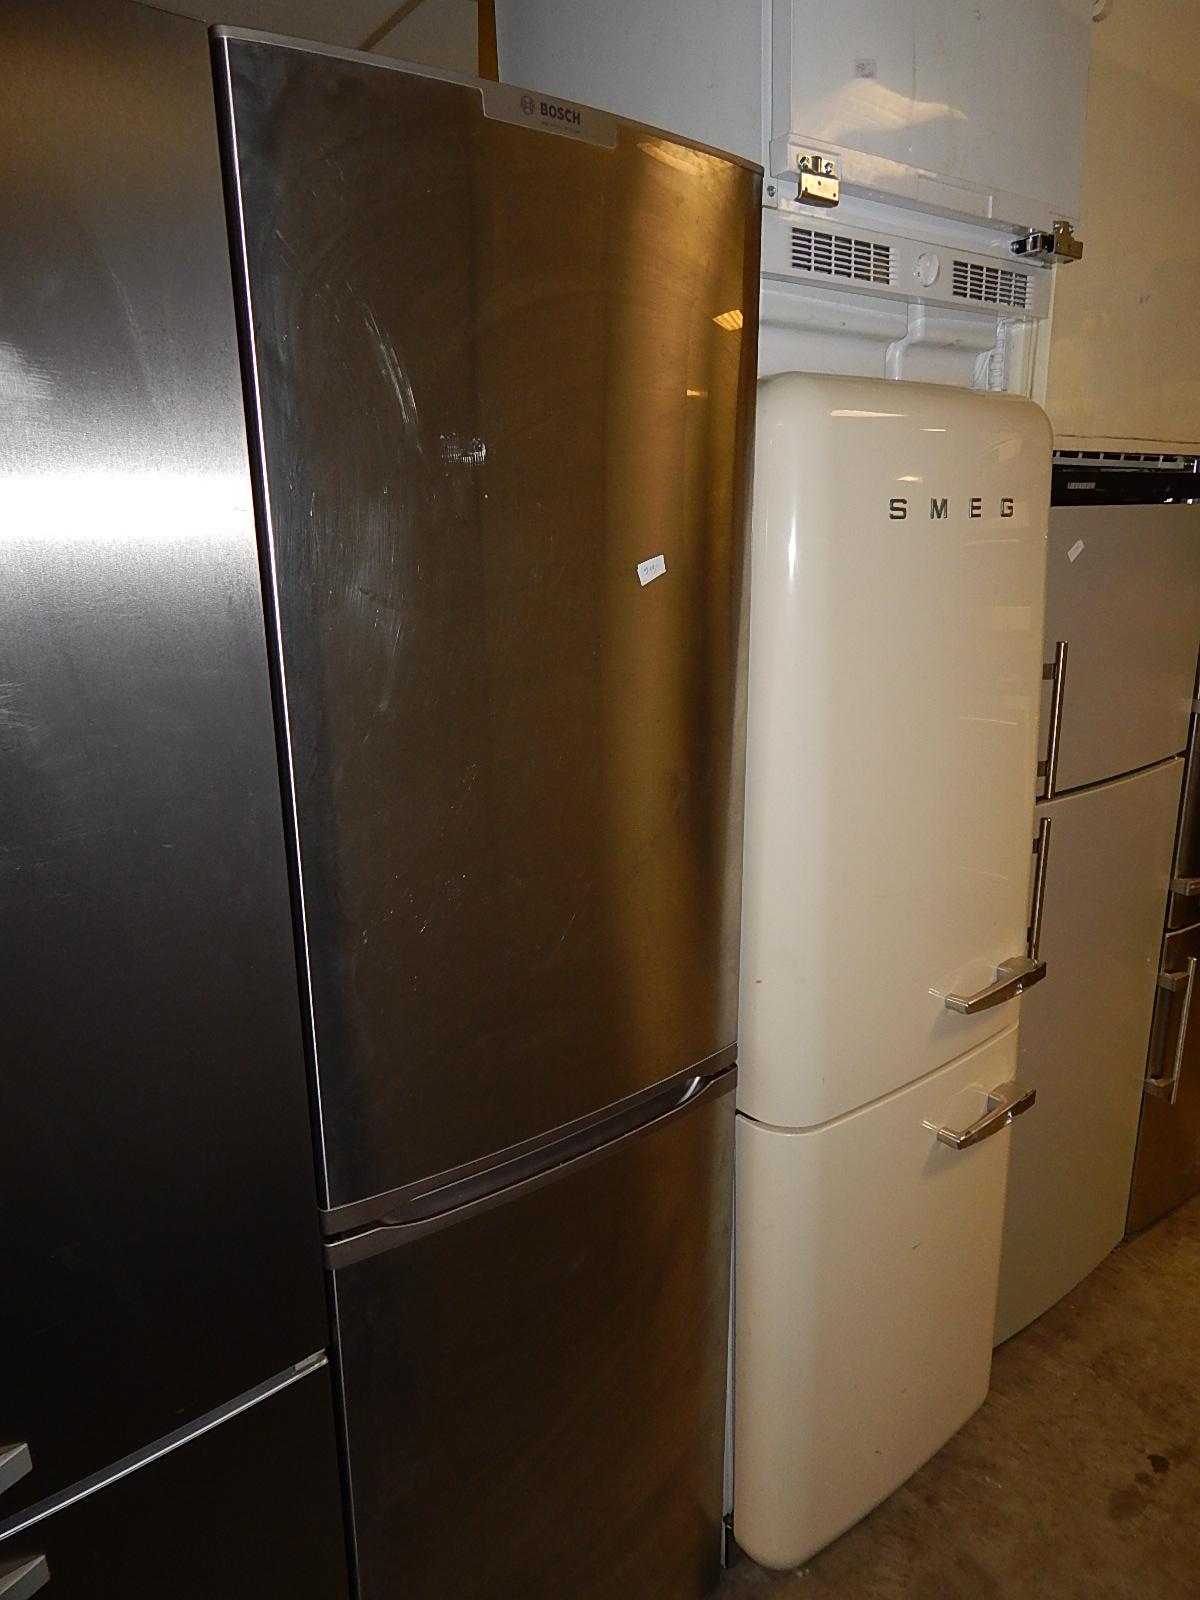 Goede Tafelmodel koelkast | Goedkope A-kwaliteit modellen nieuw in doos FI-79